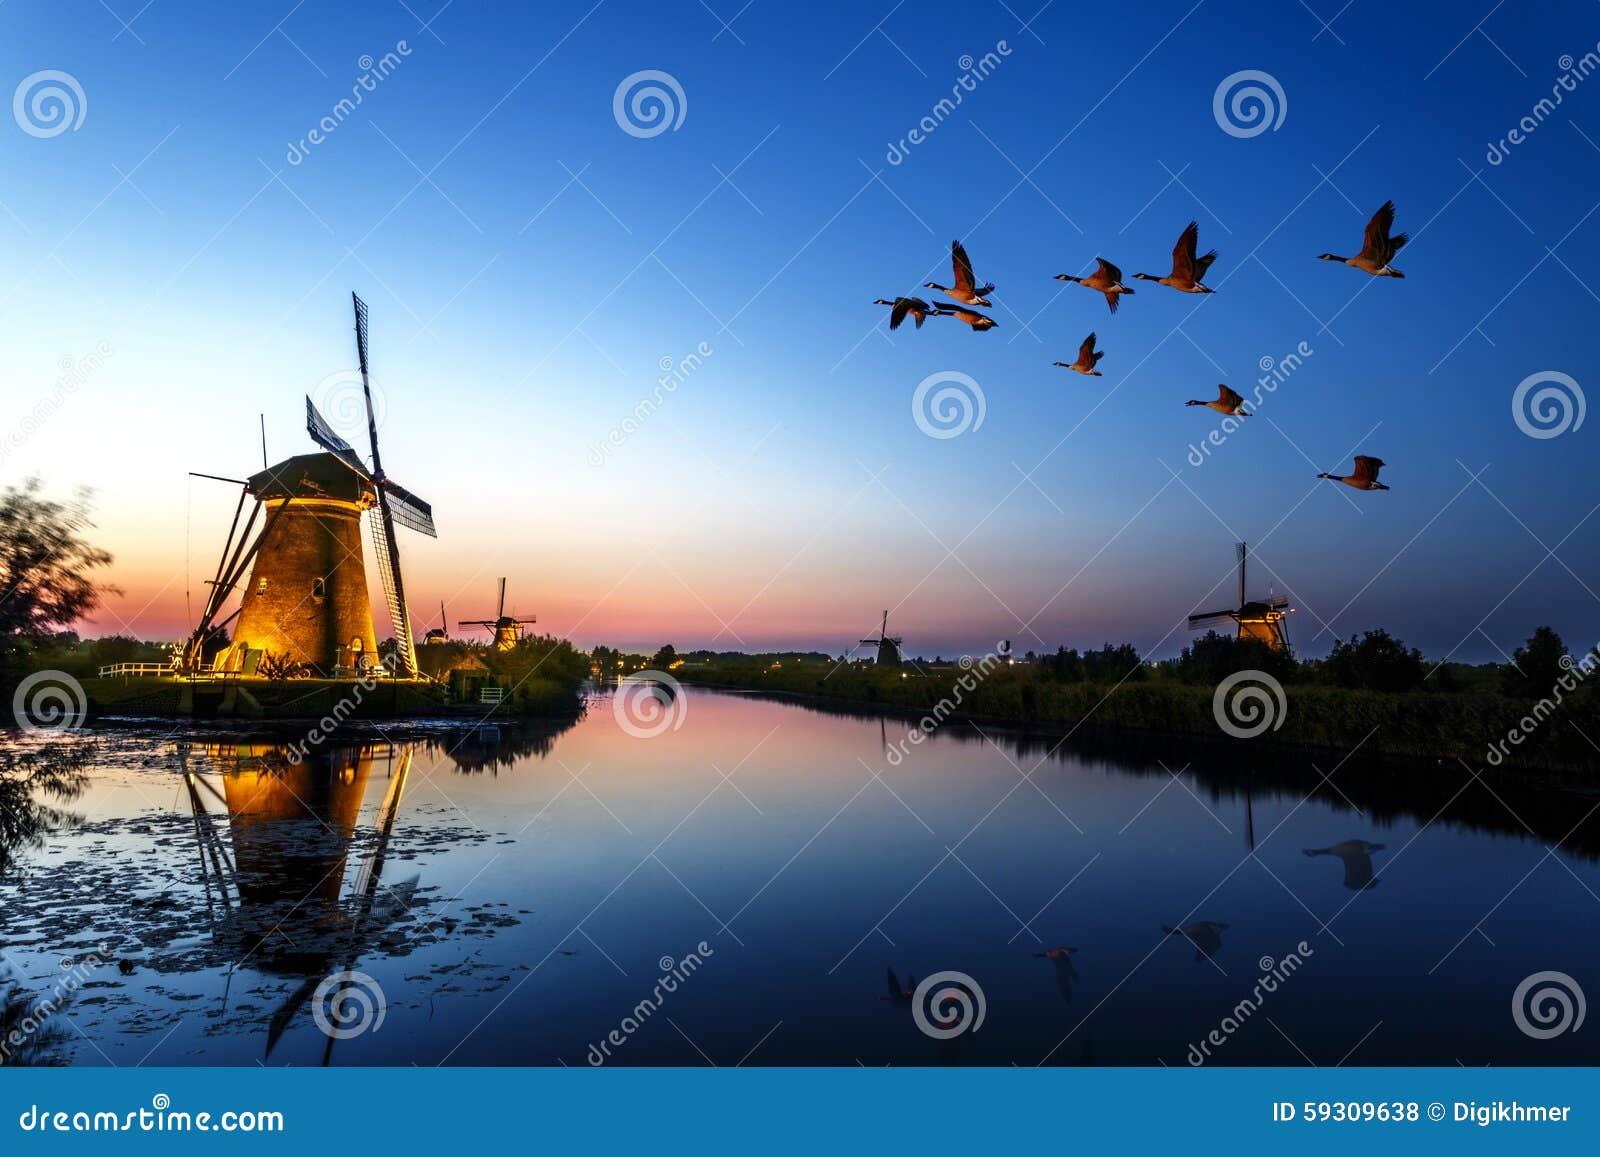 Sunset at Unesco world heritage windmills